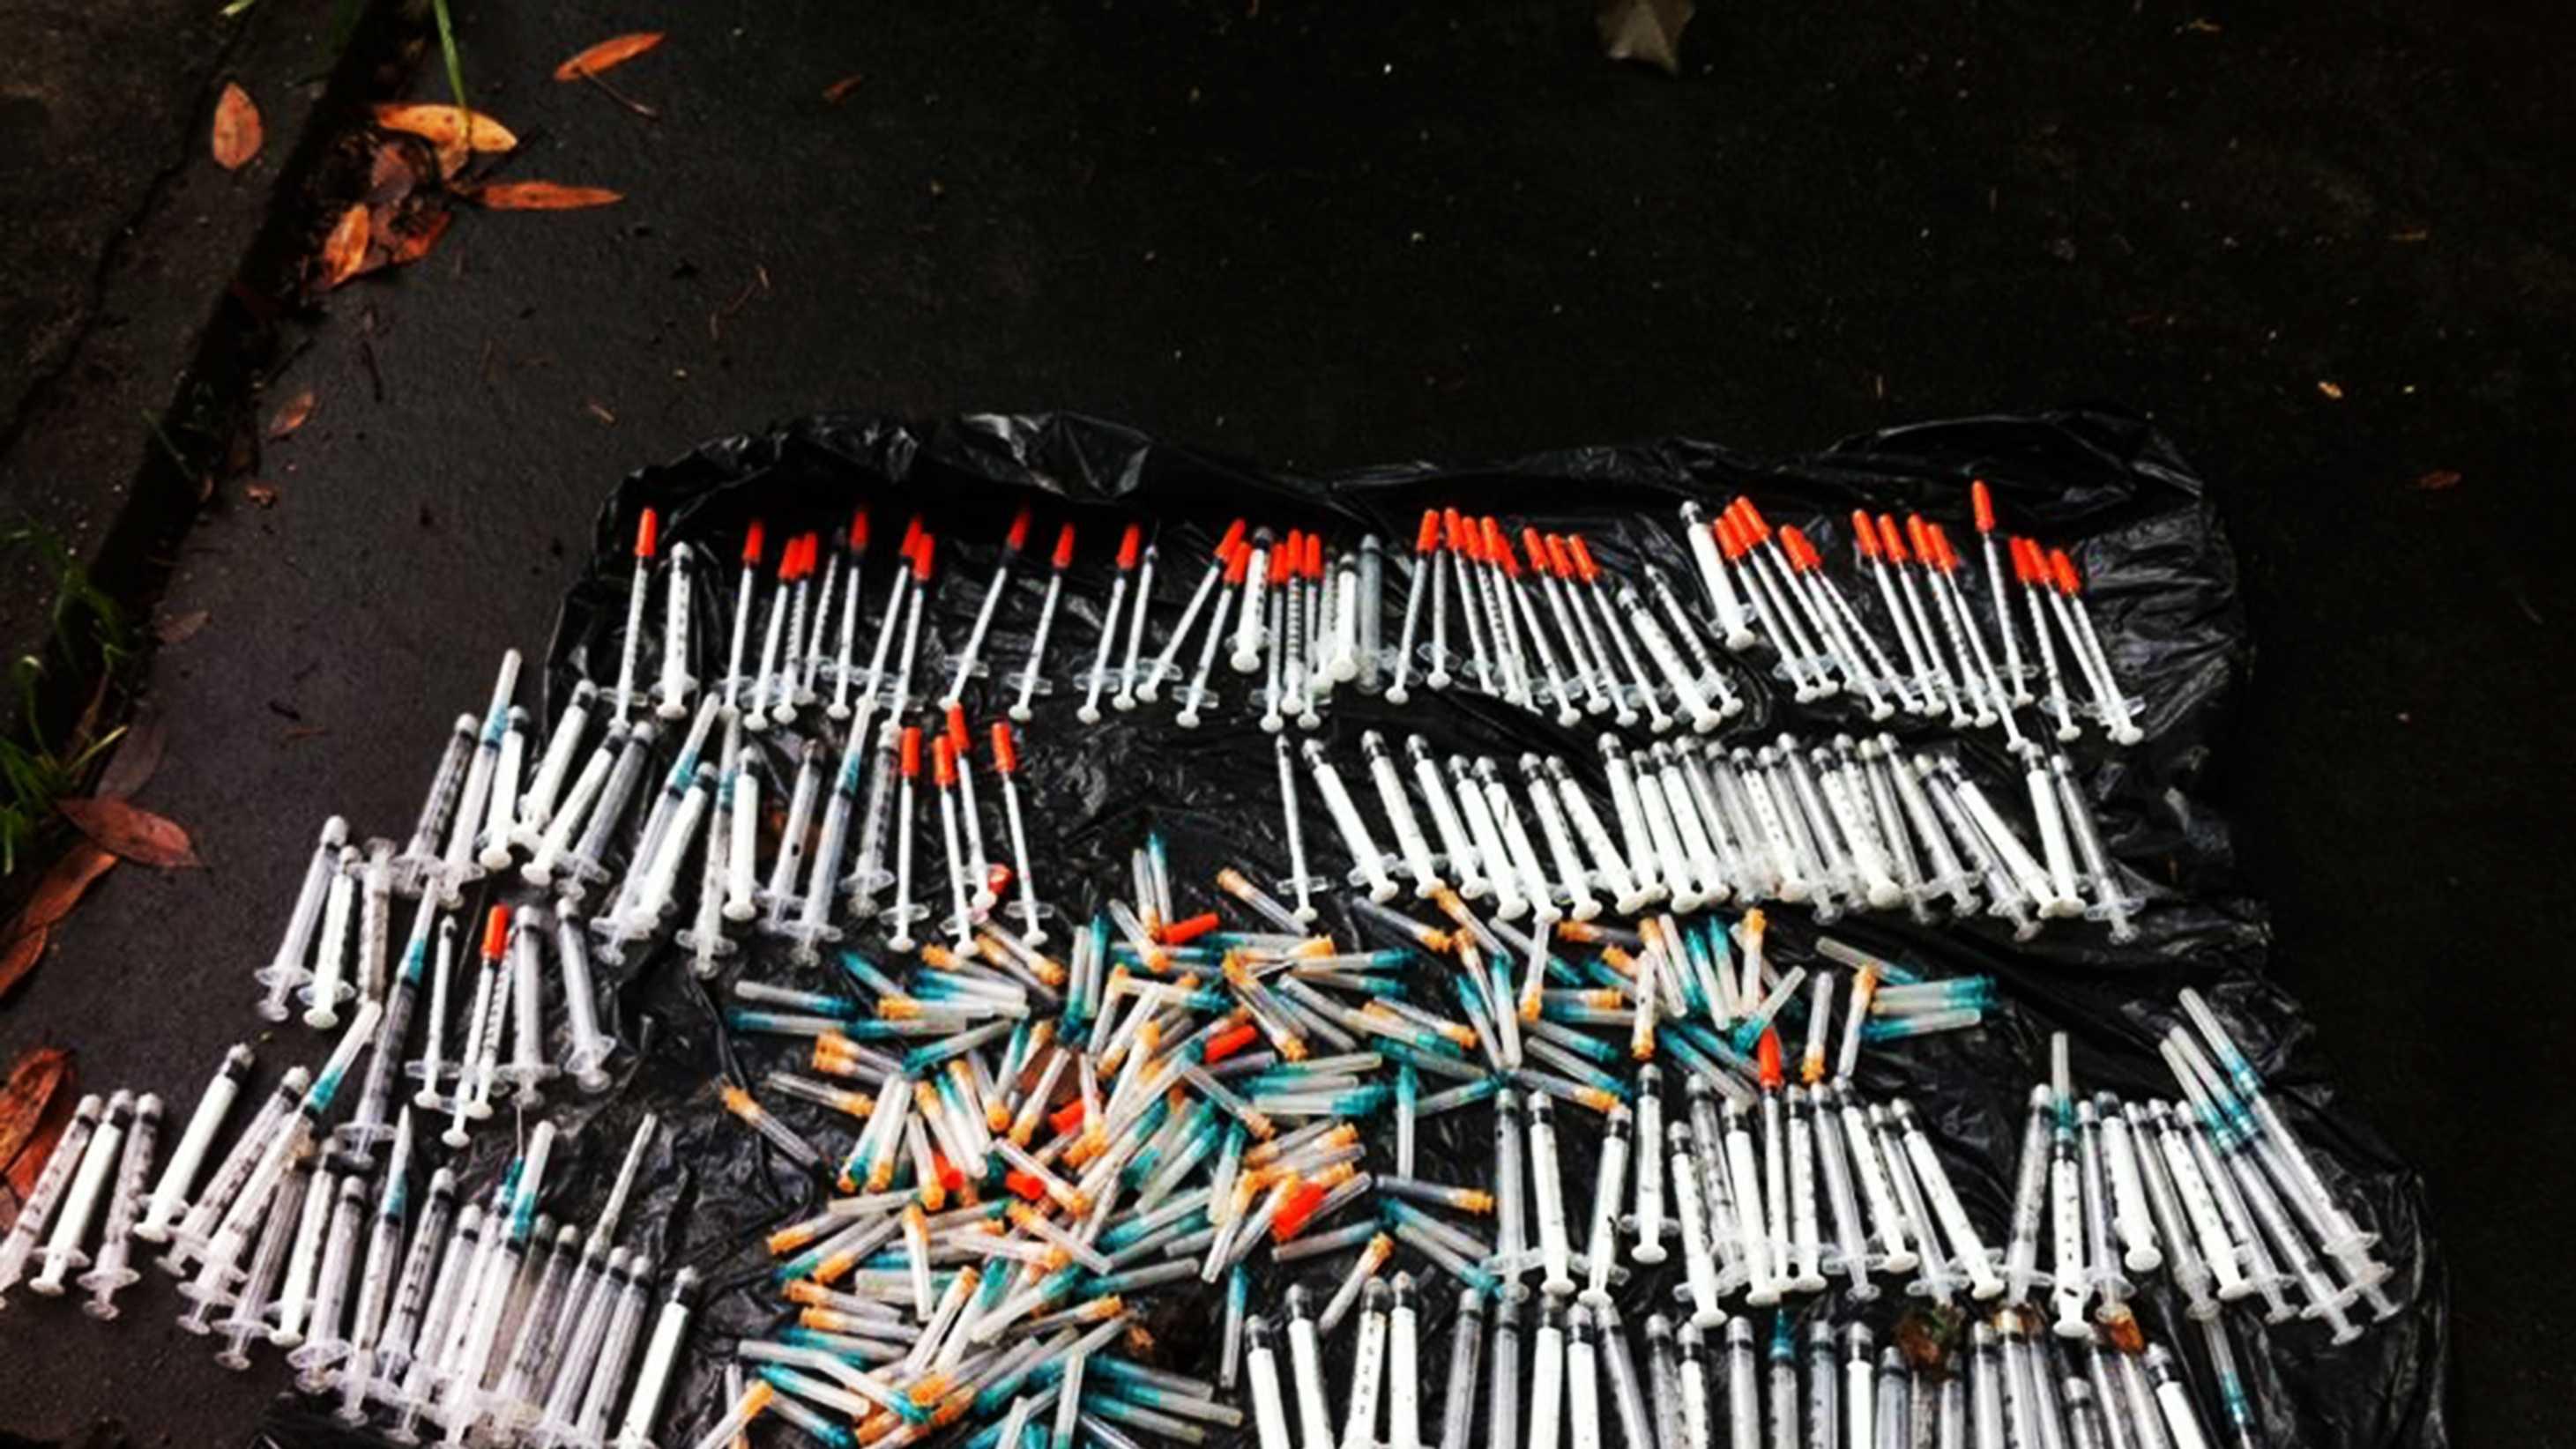 drug needles1.jpg